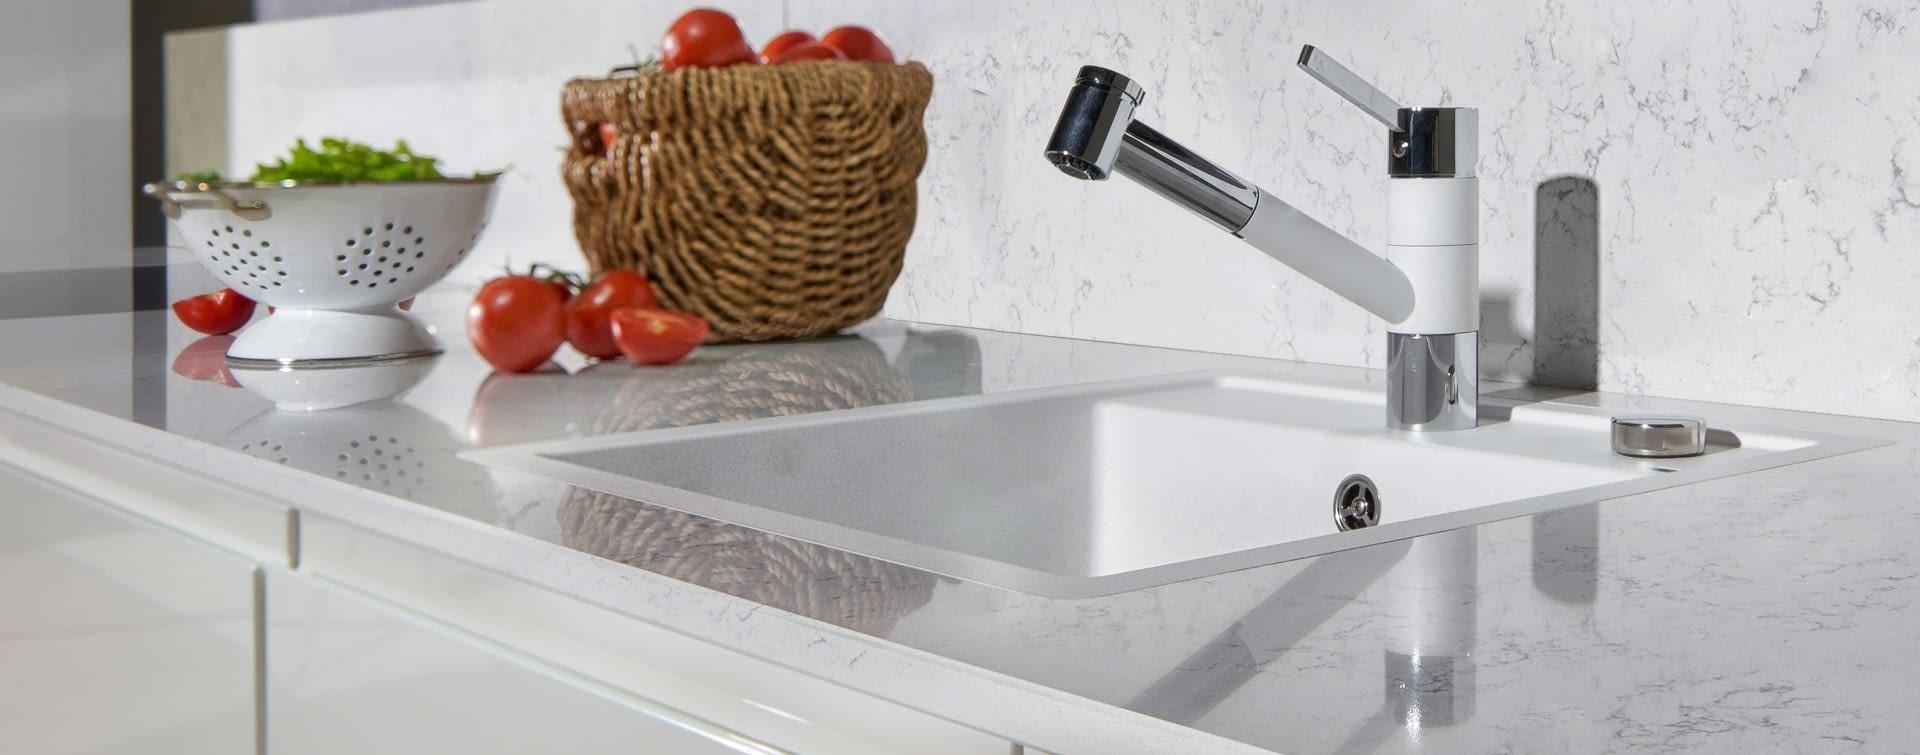 Steinspule Kuche Elegant Elegant Ideen Zauberhaft Ikea